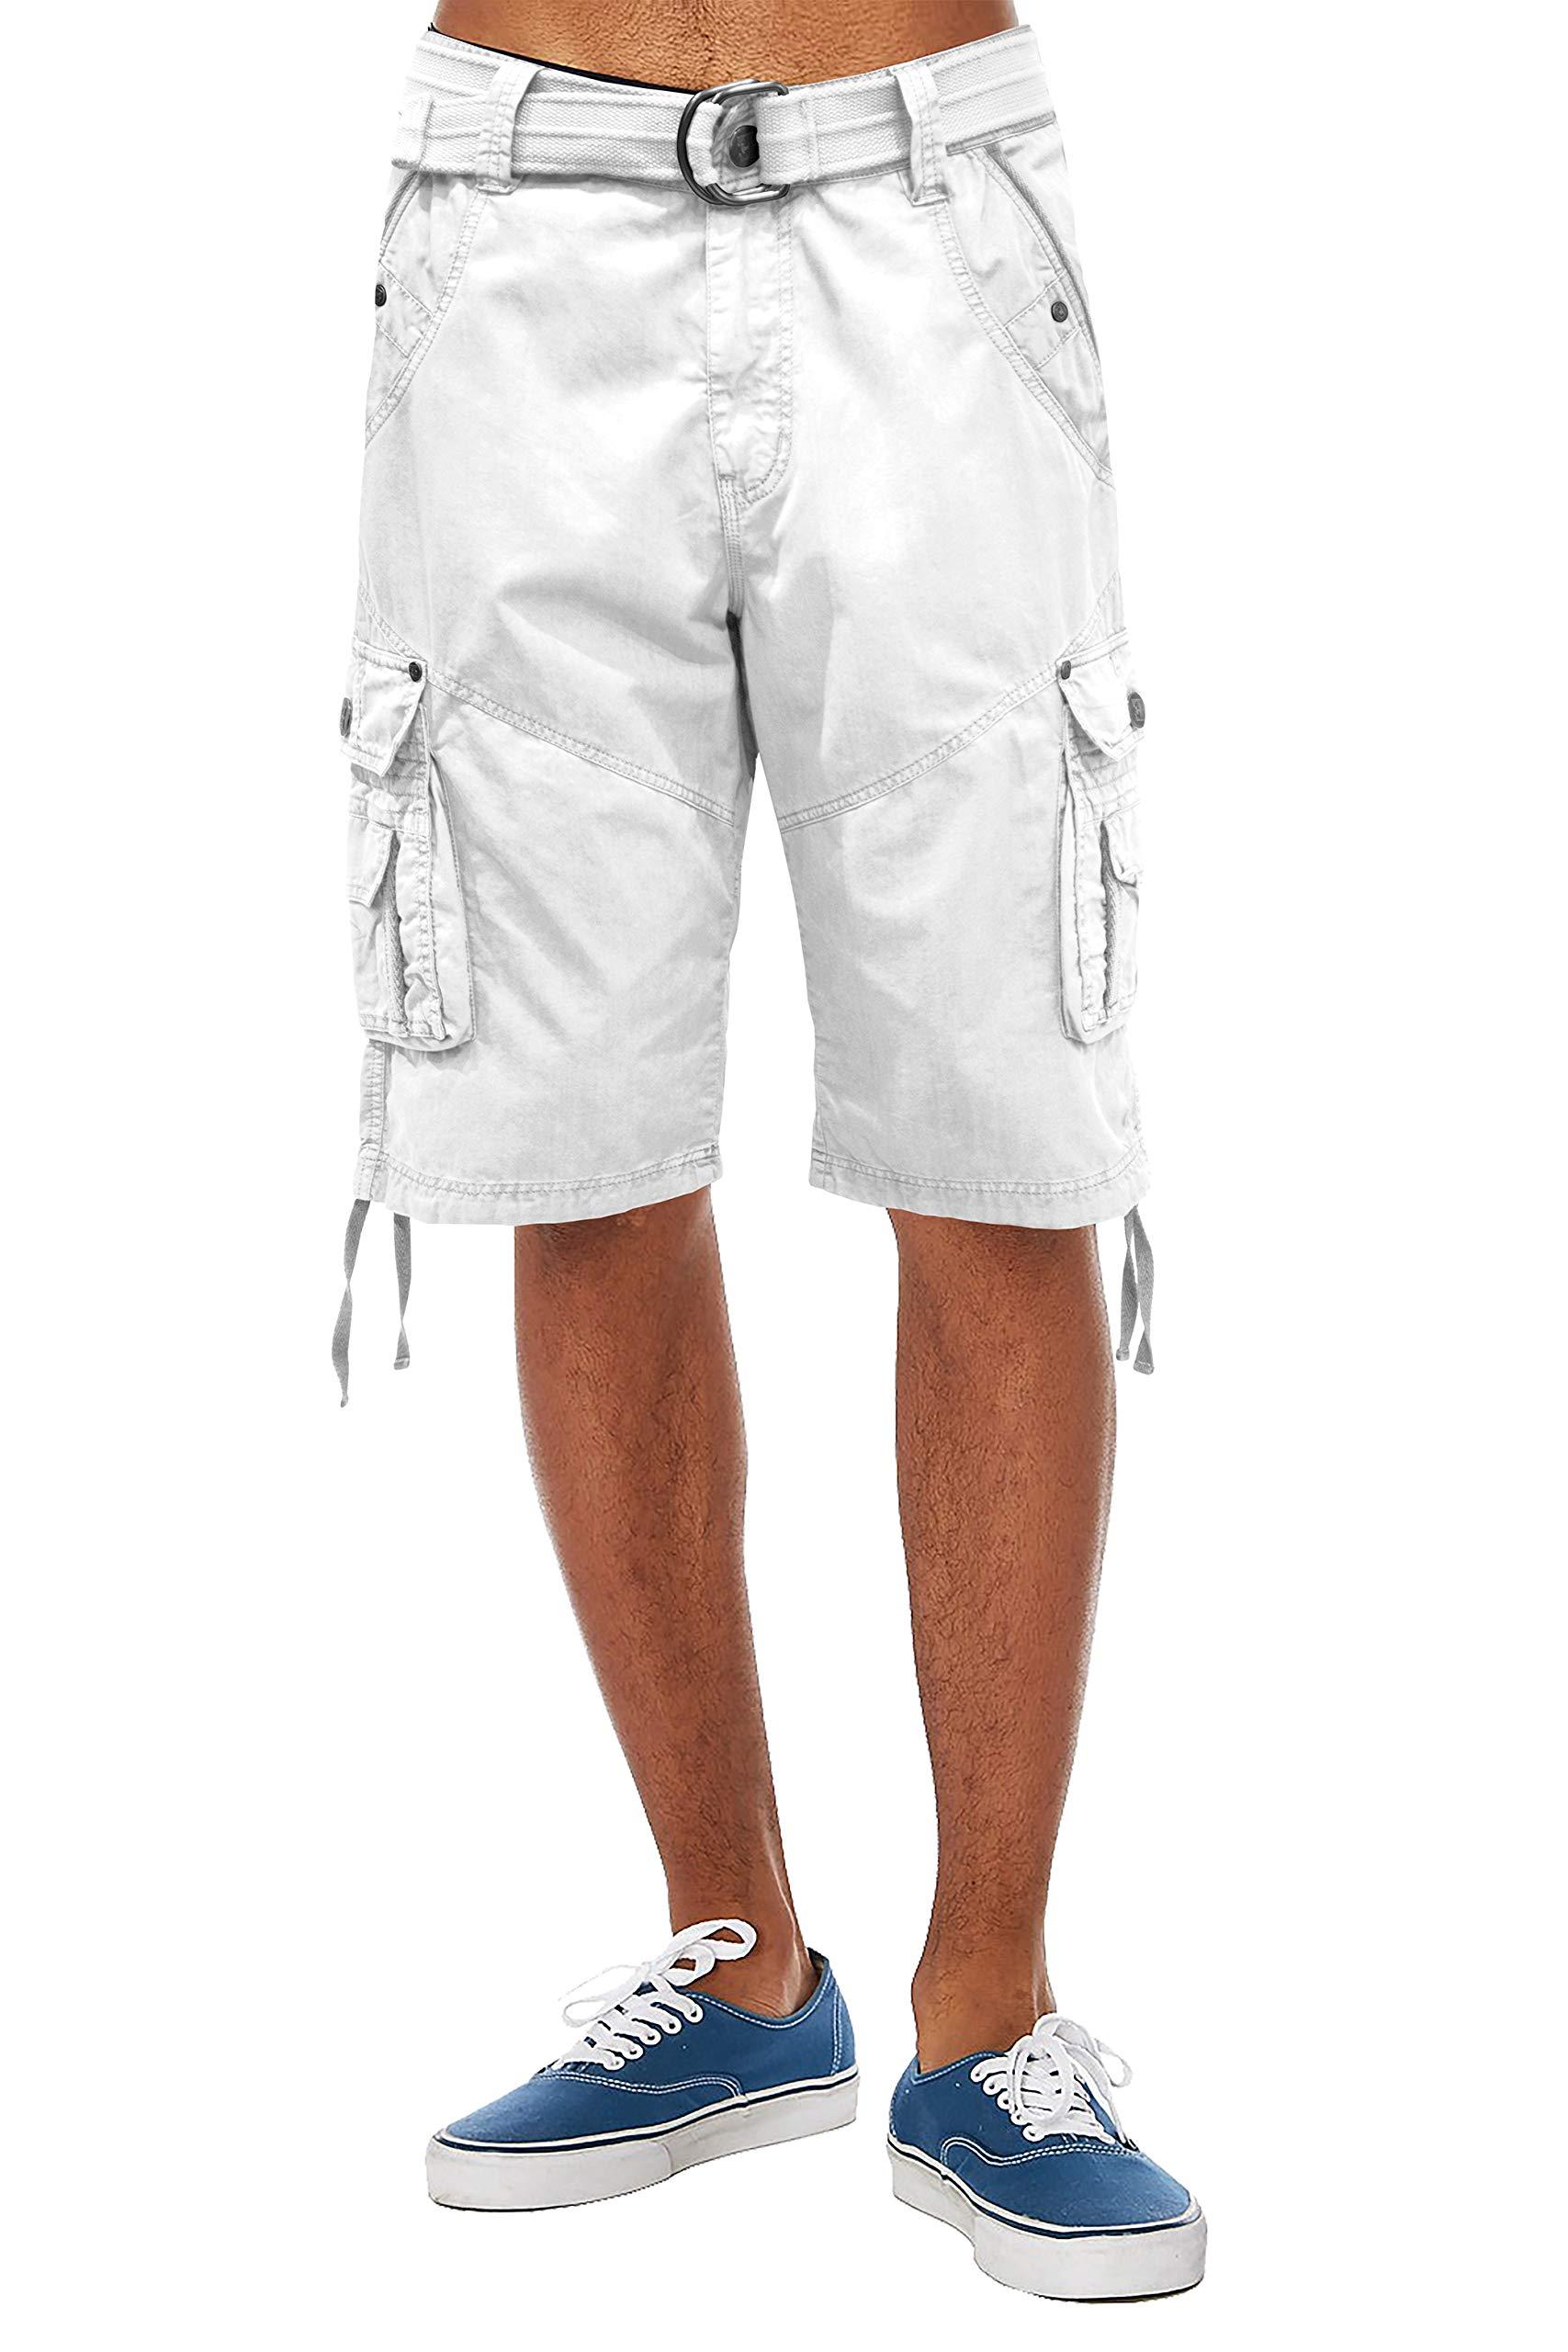 ETHANOL Mens Everyday Belted Cargo Shorts ASH44088 White 34